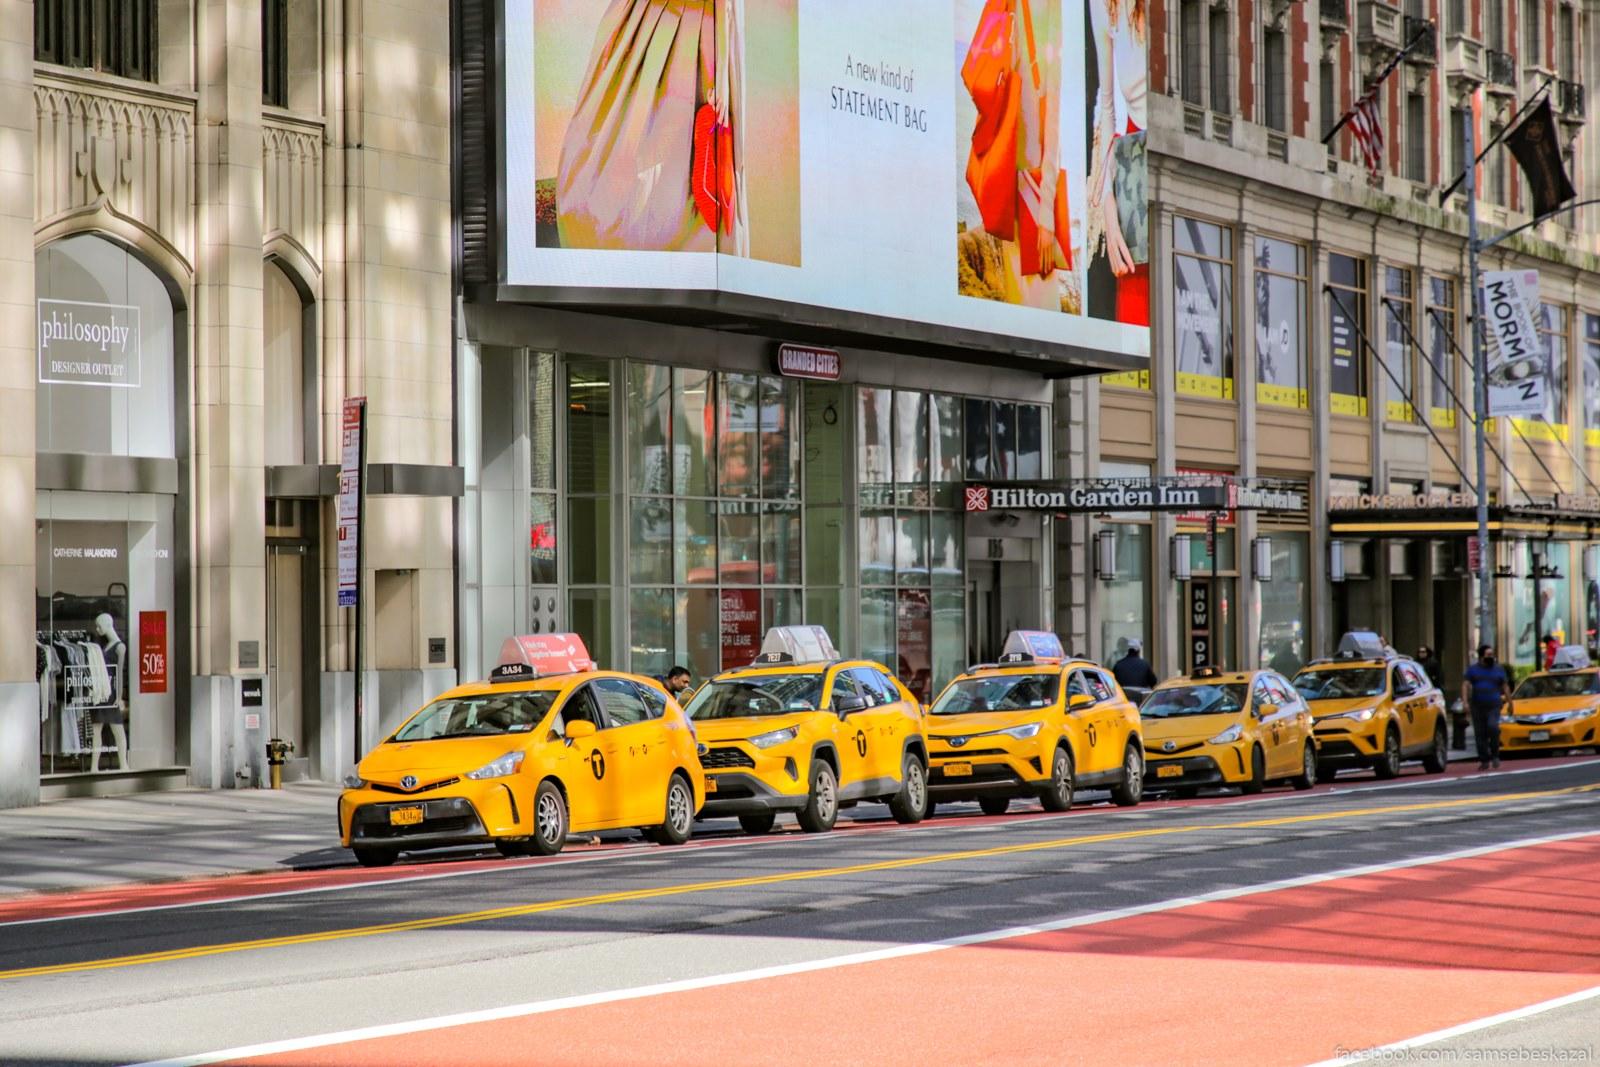 Taksisty prostaivaut bez raboty. 42-a ulica.